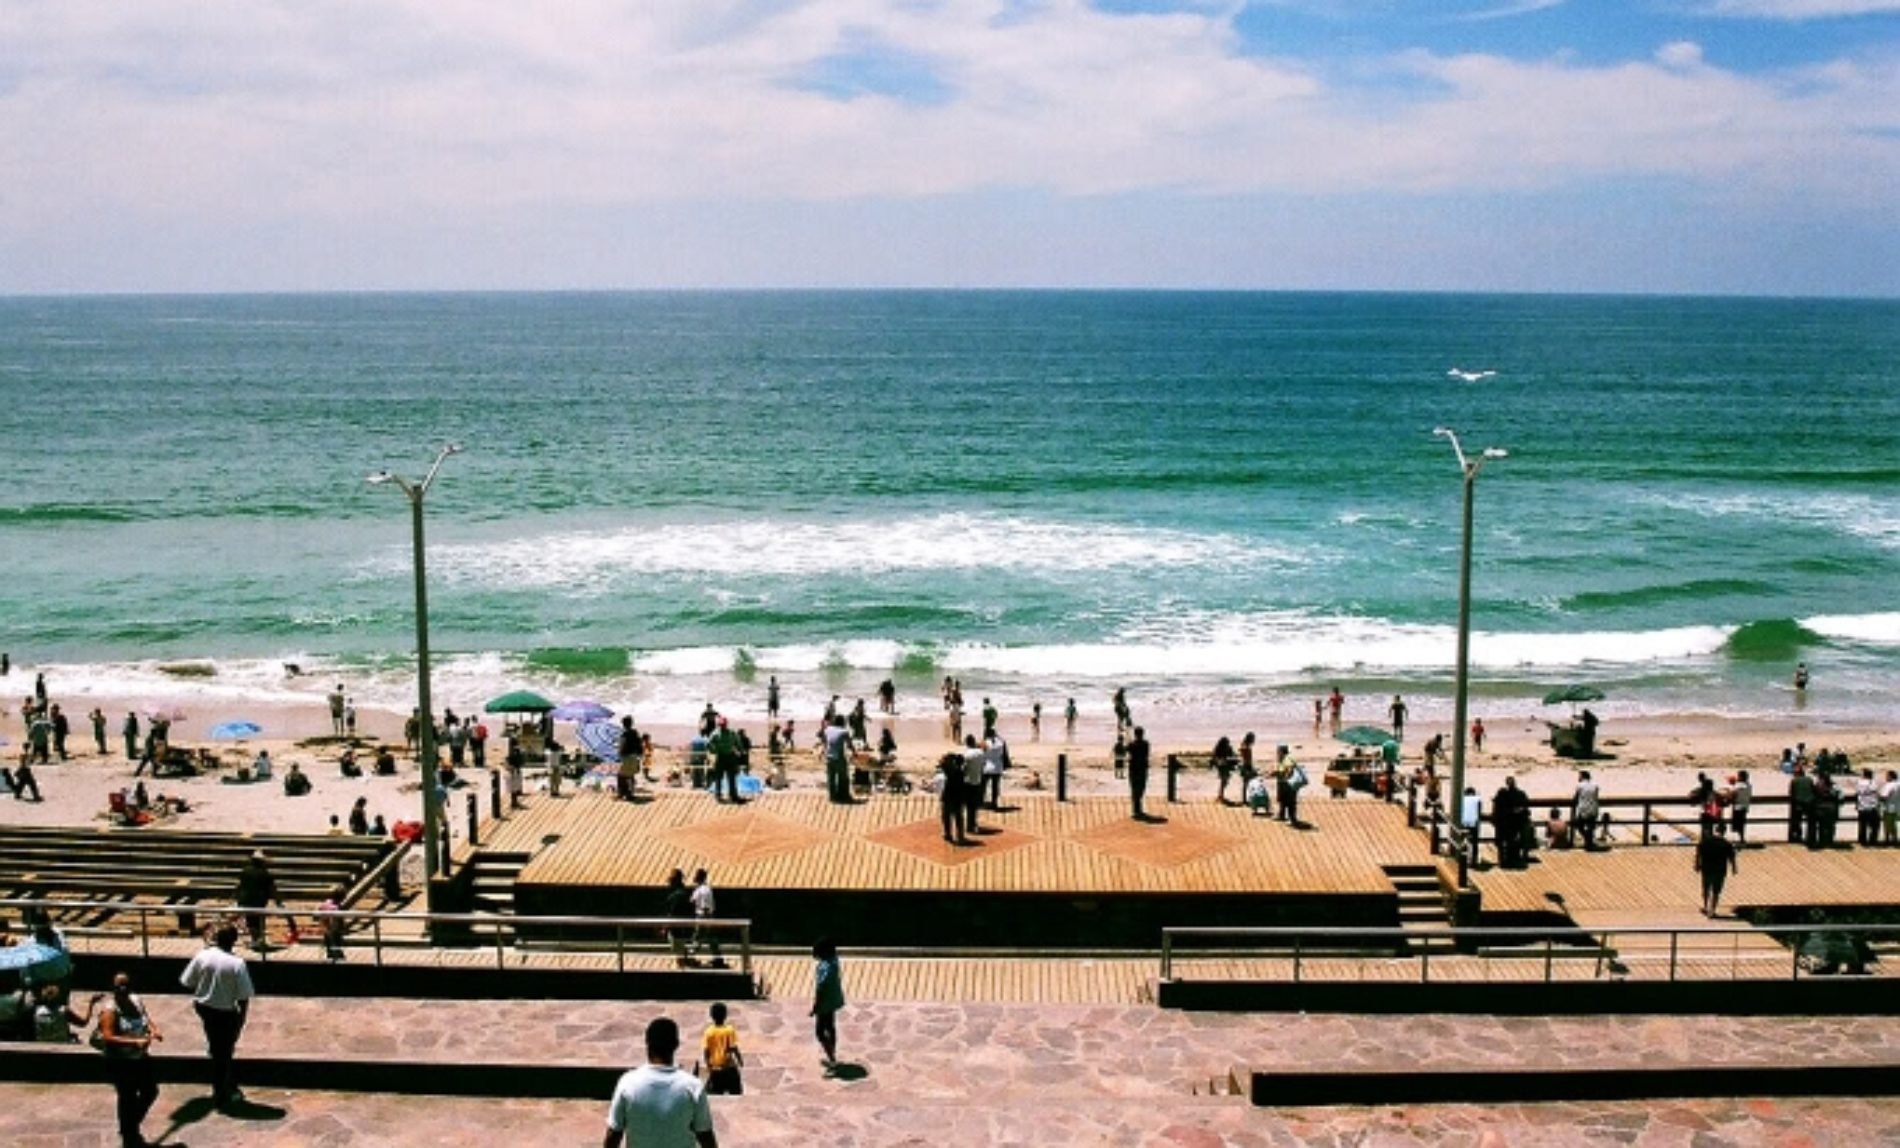 Playas de Tijuana apta para recreación este periodo vacacional nos dice el ayuntamiento